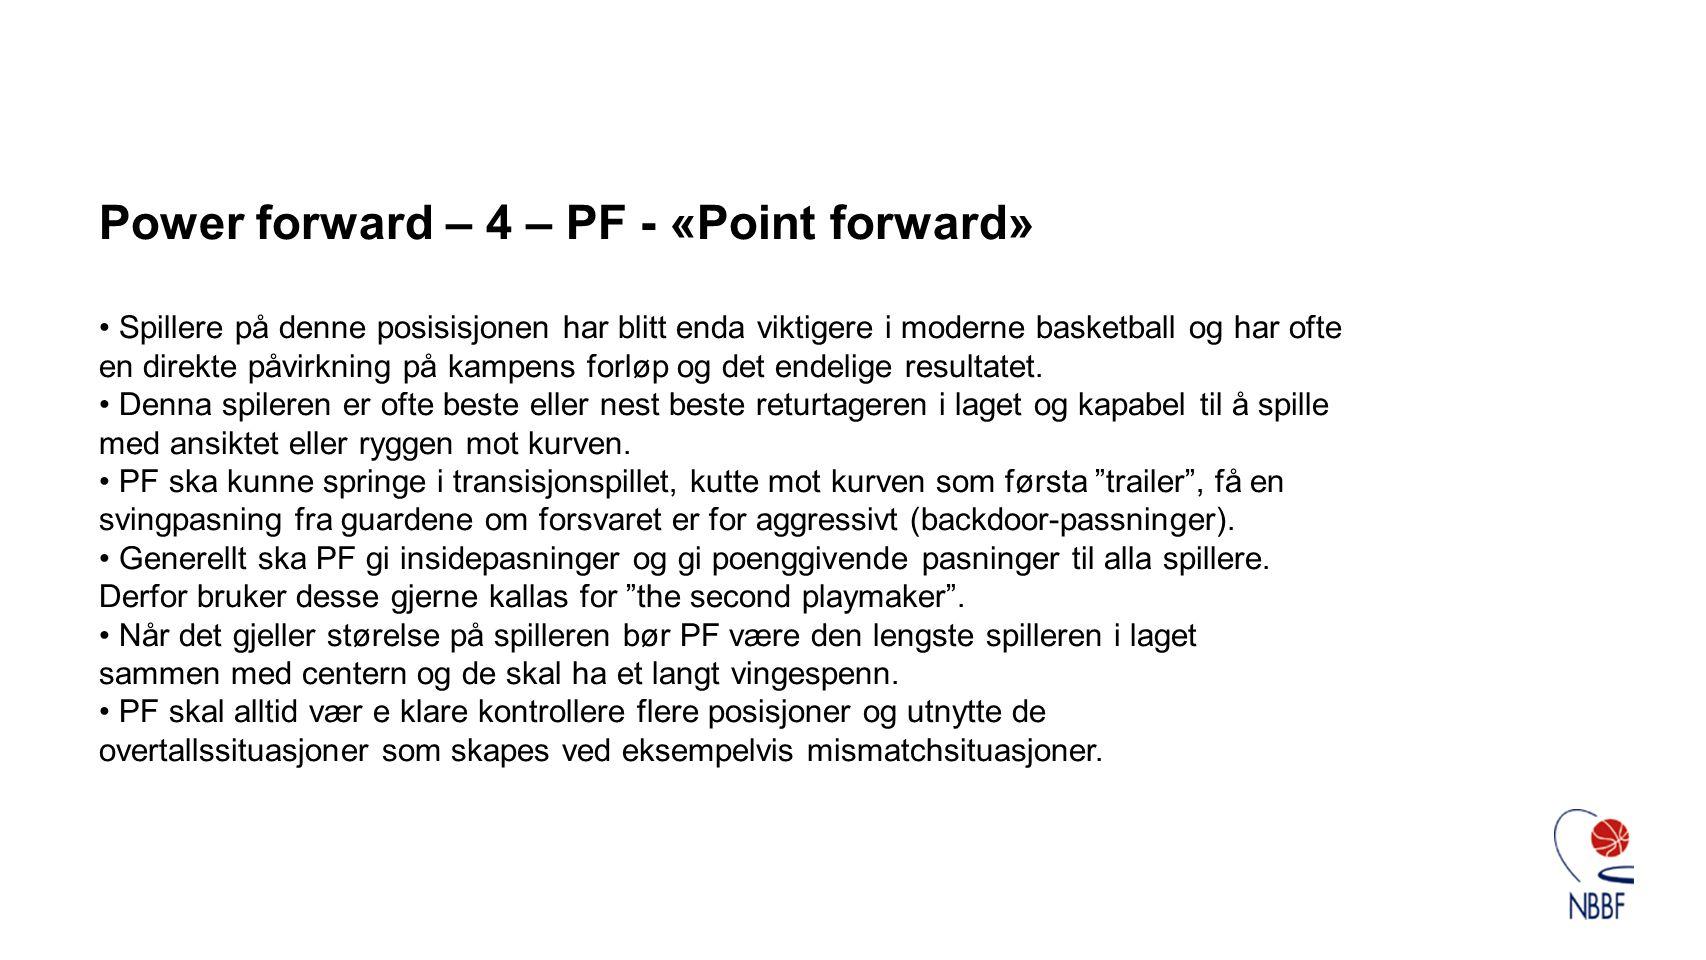 Power forward – 4 – PF - «Point forward» • Spillere på denne posisisjonen har blitt enda viktigere i moderne basketball og har ofte en direkte påvirkning på kampens forløp og det endelige resultatet.